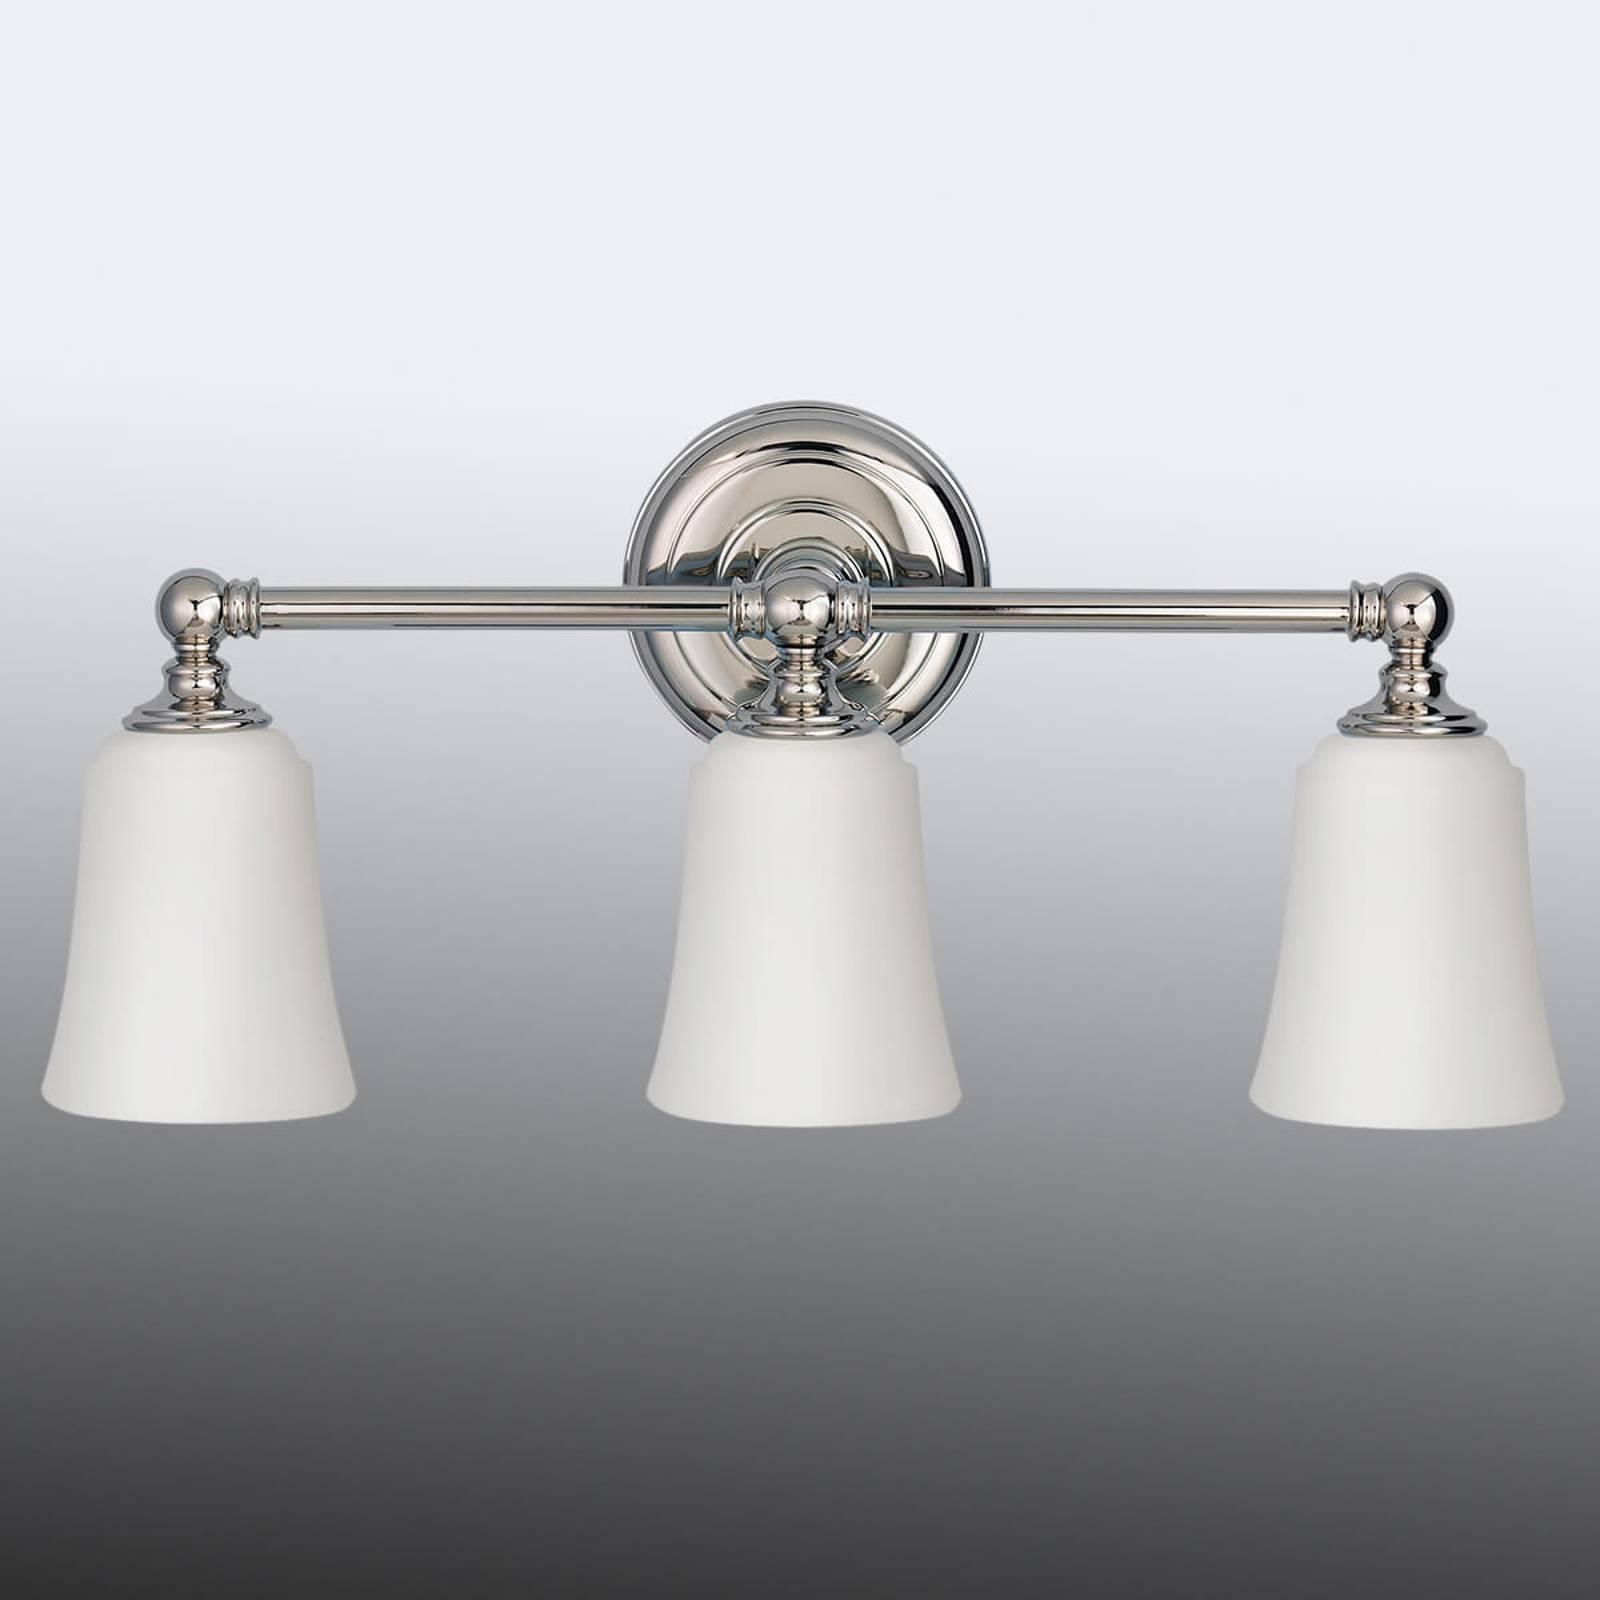 Applique salle de bain Huguenot Lake à 3 lampes